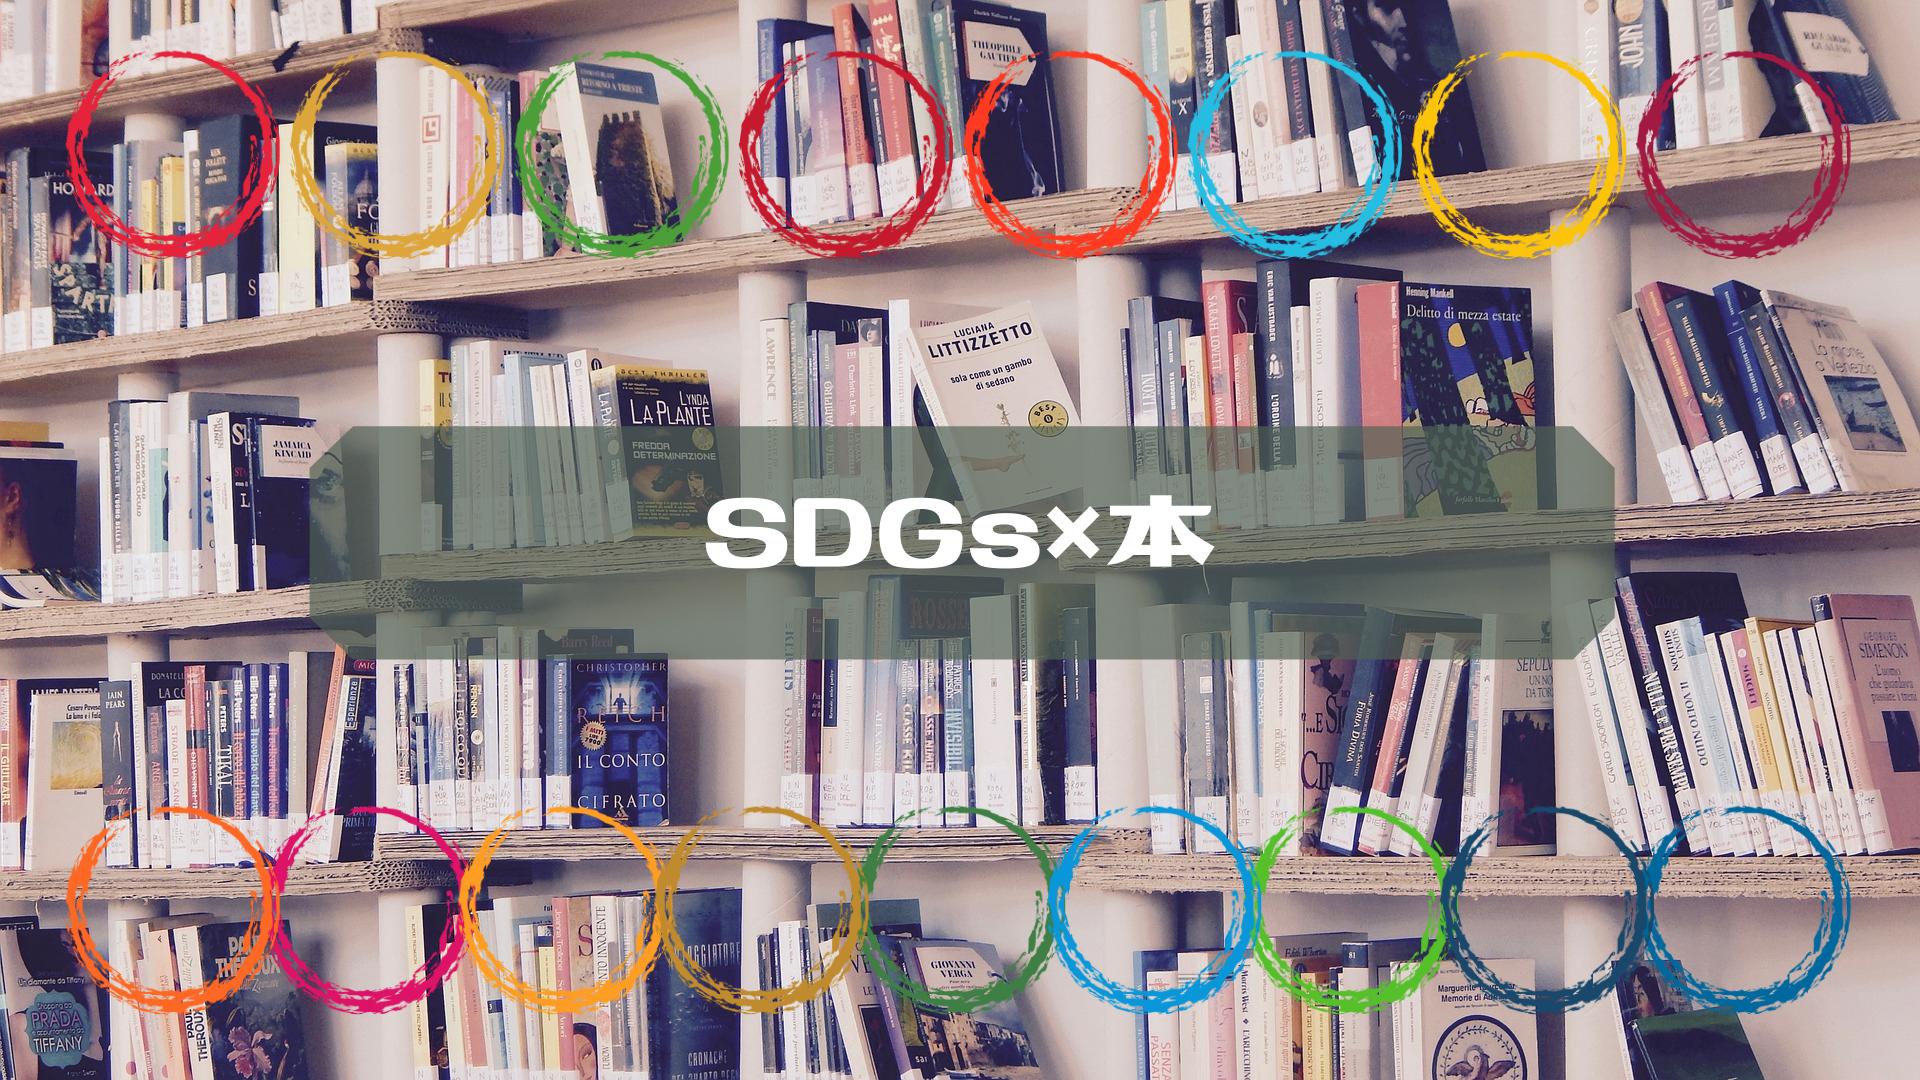 SDGs本ならこれ!|おすすめの入門書&学生向け図書6選!社長の愛読書も公開